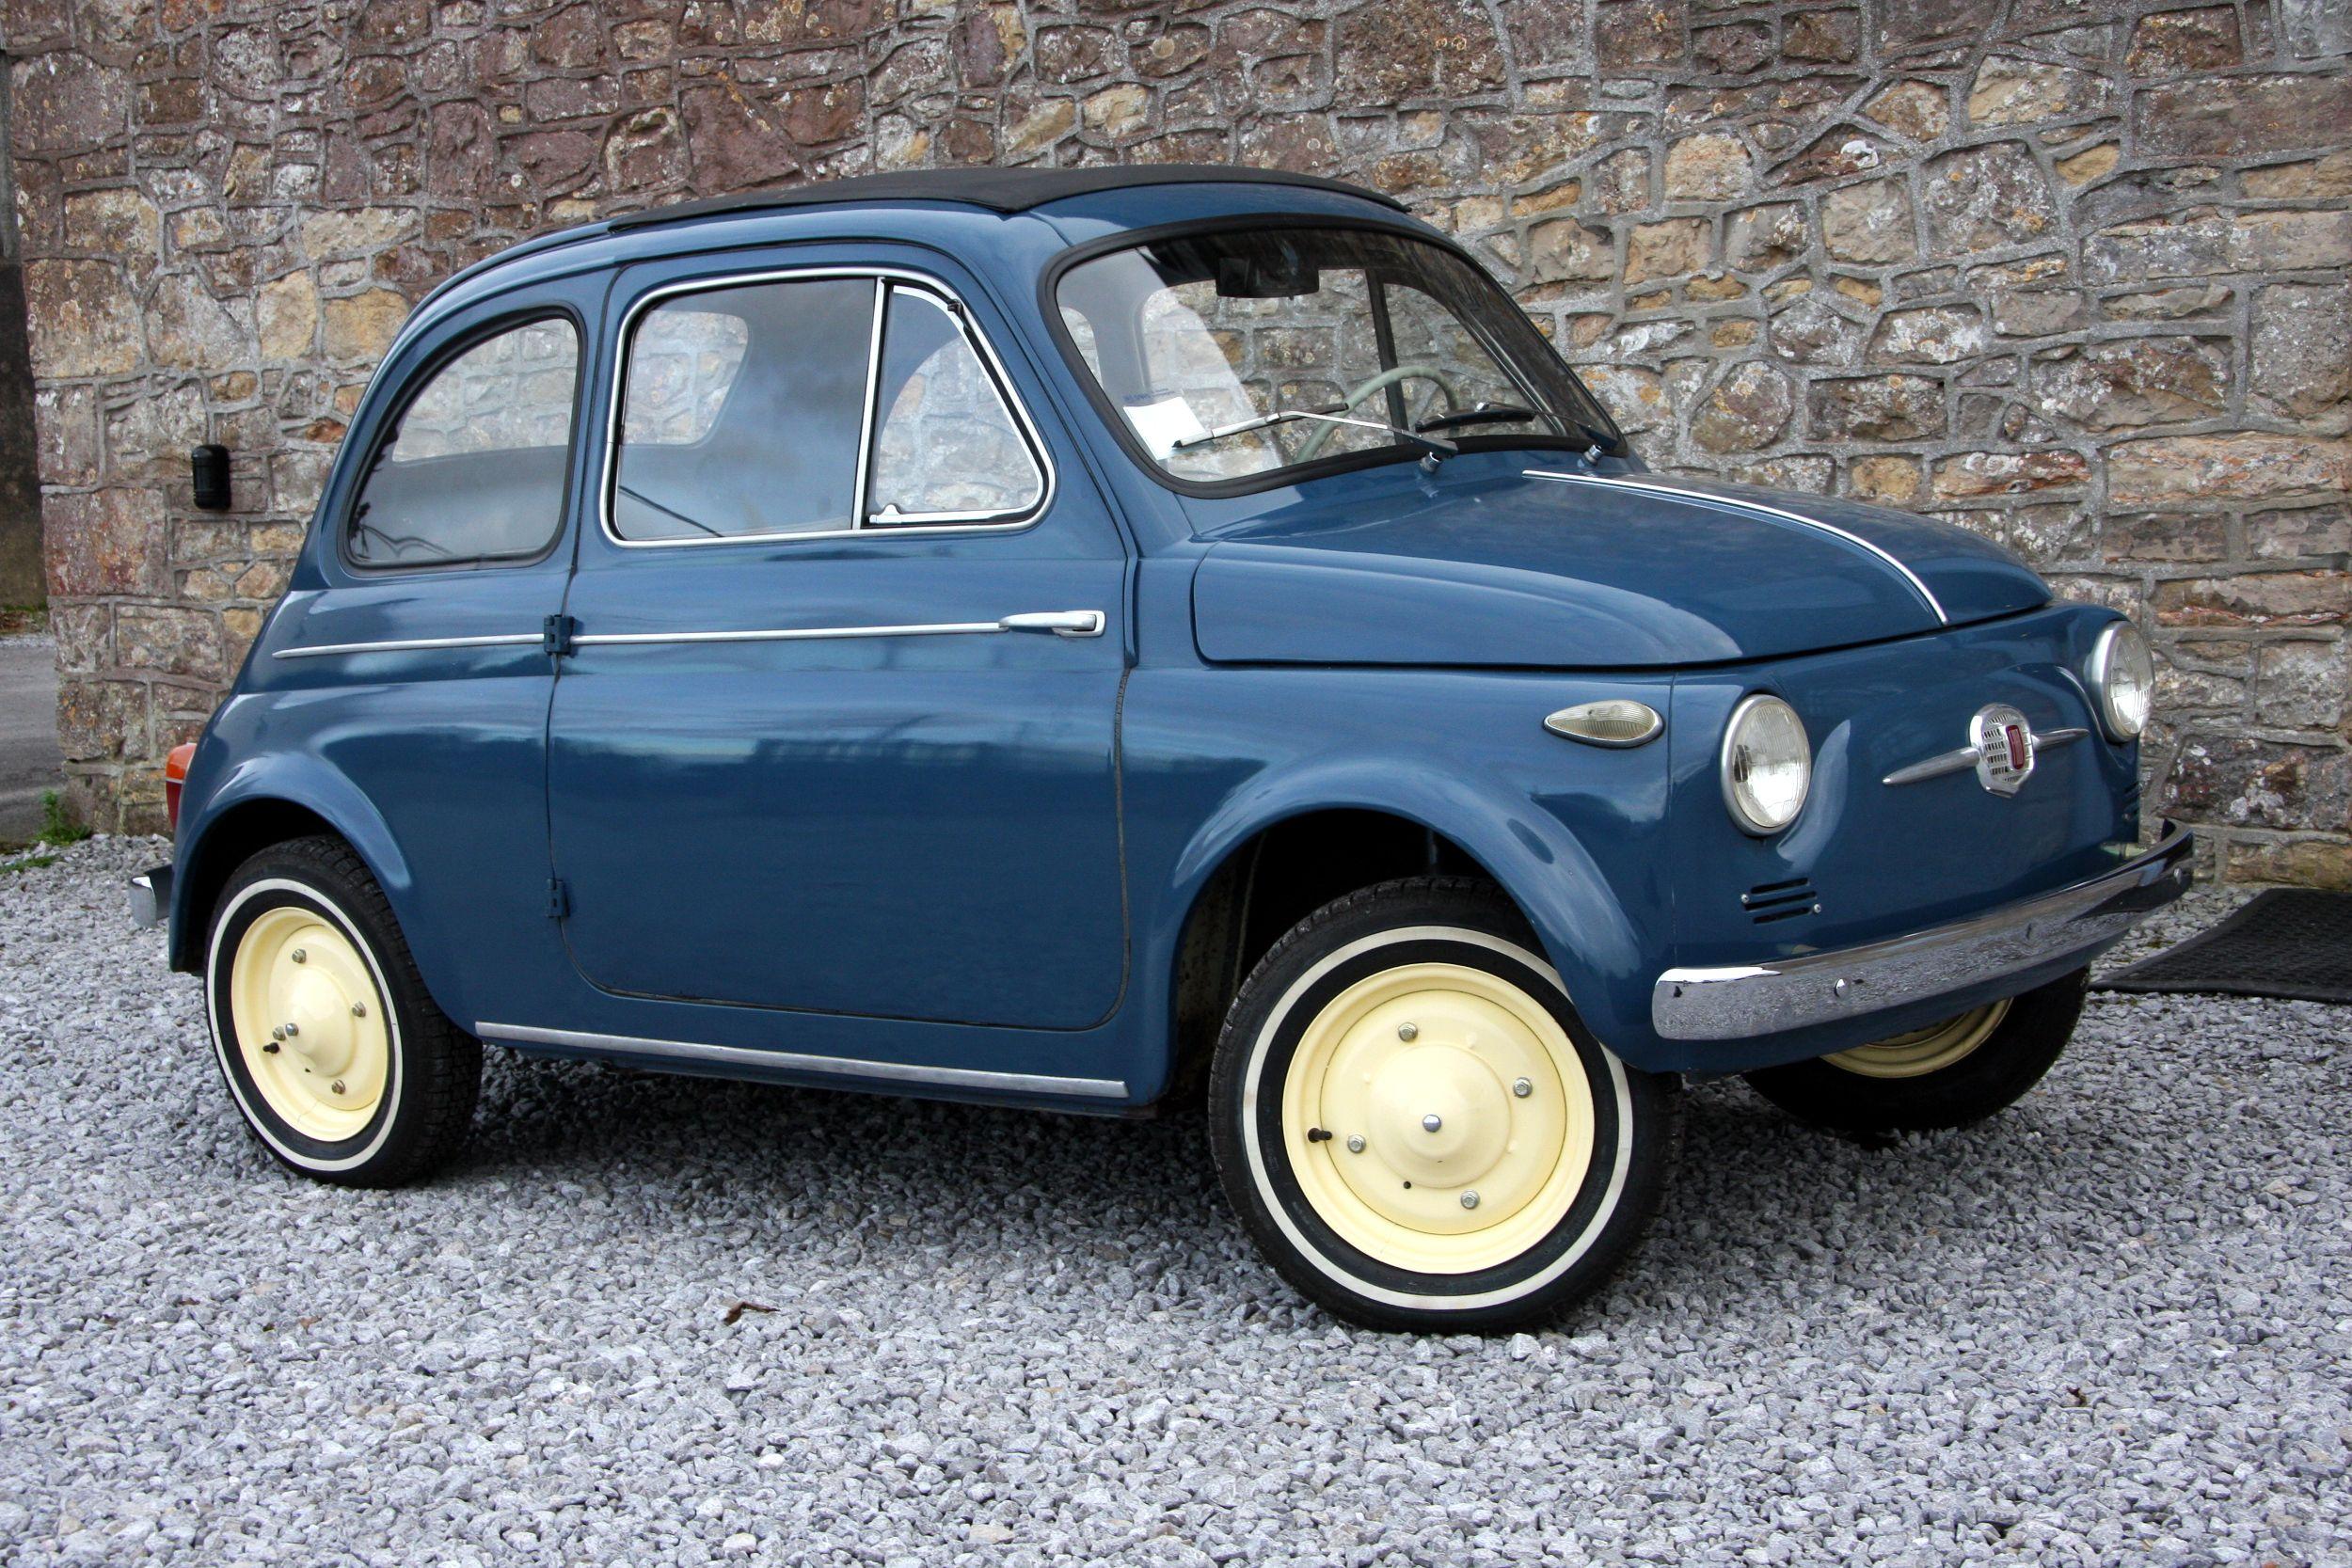 1959 Fiat 500n チンクエチェント